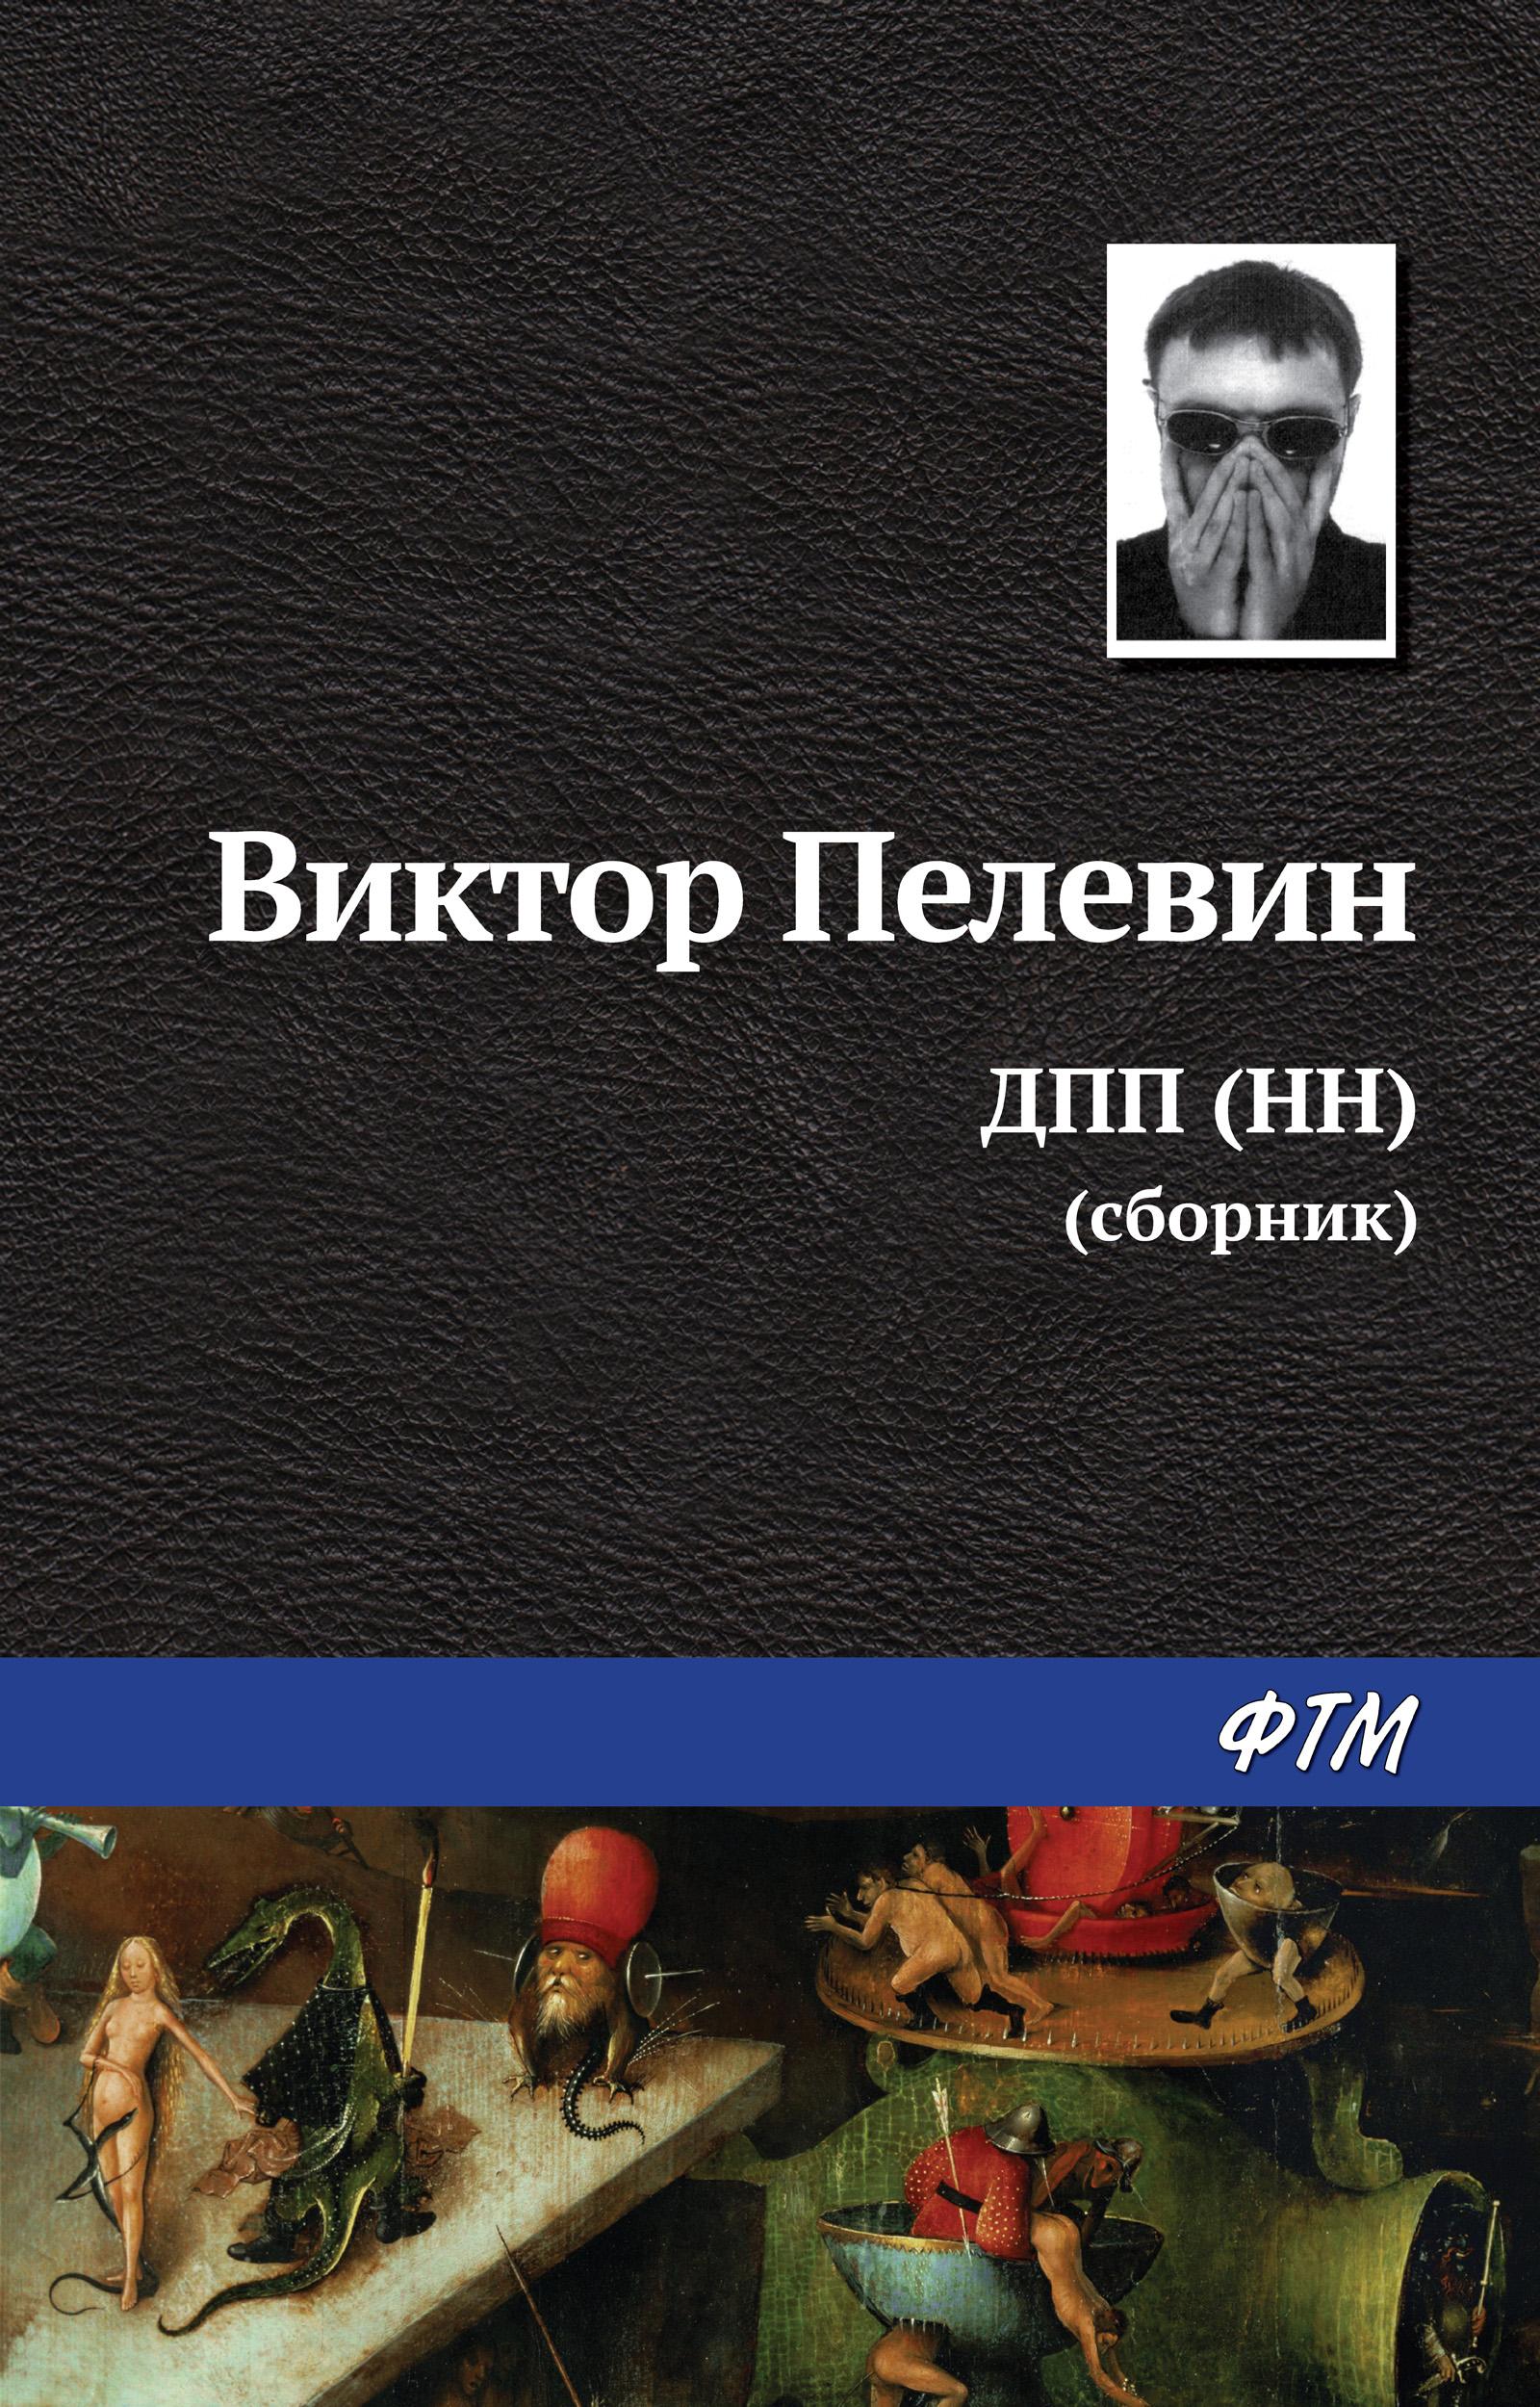 Виктор Пелевин ДПП (НН) (сборник) адам райский изниоткуда вникуда часть 1 поручик